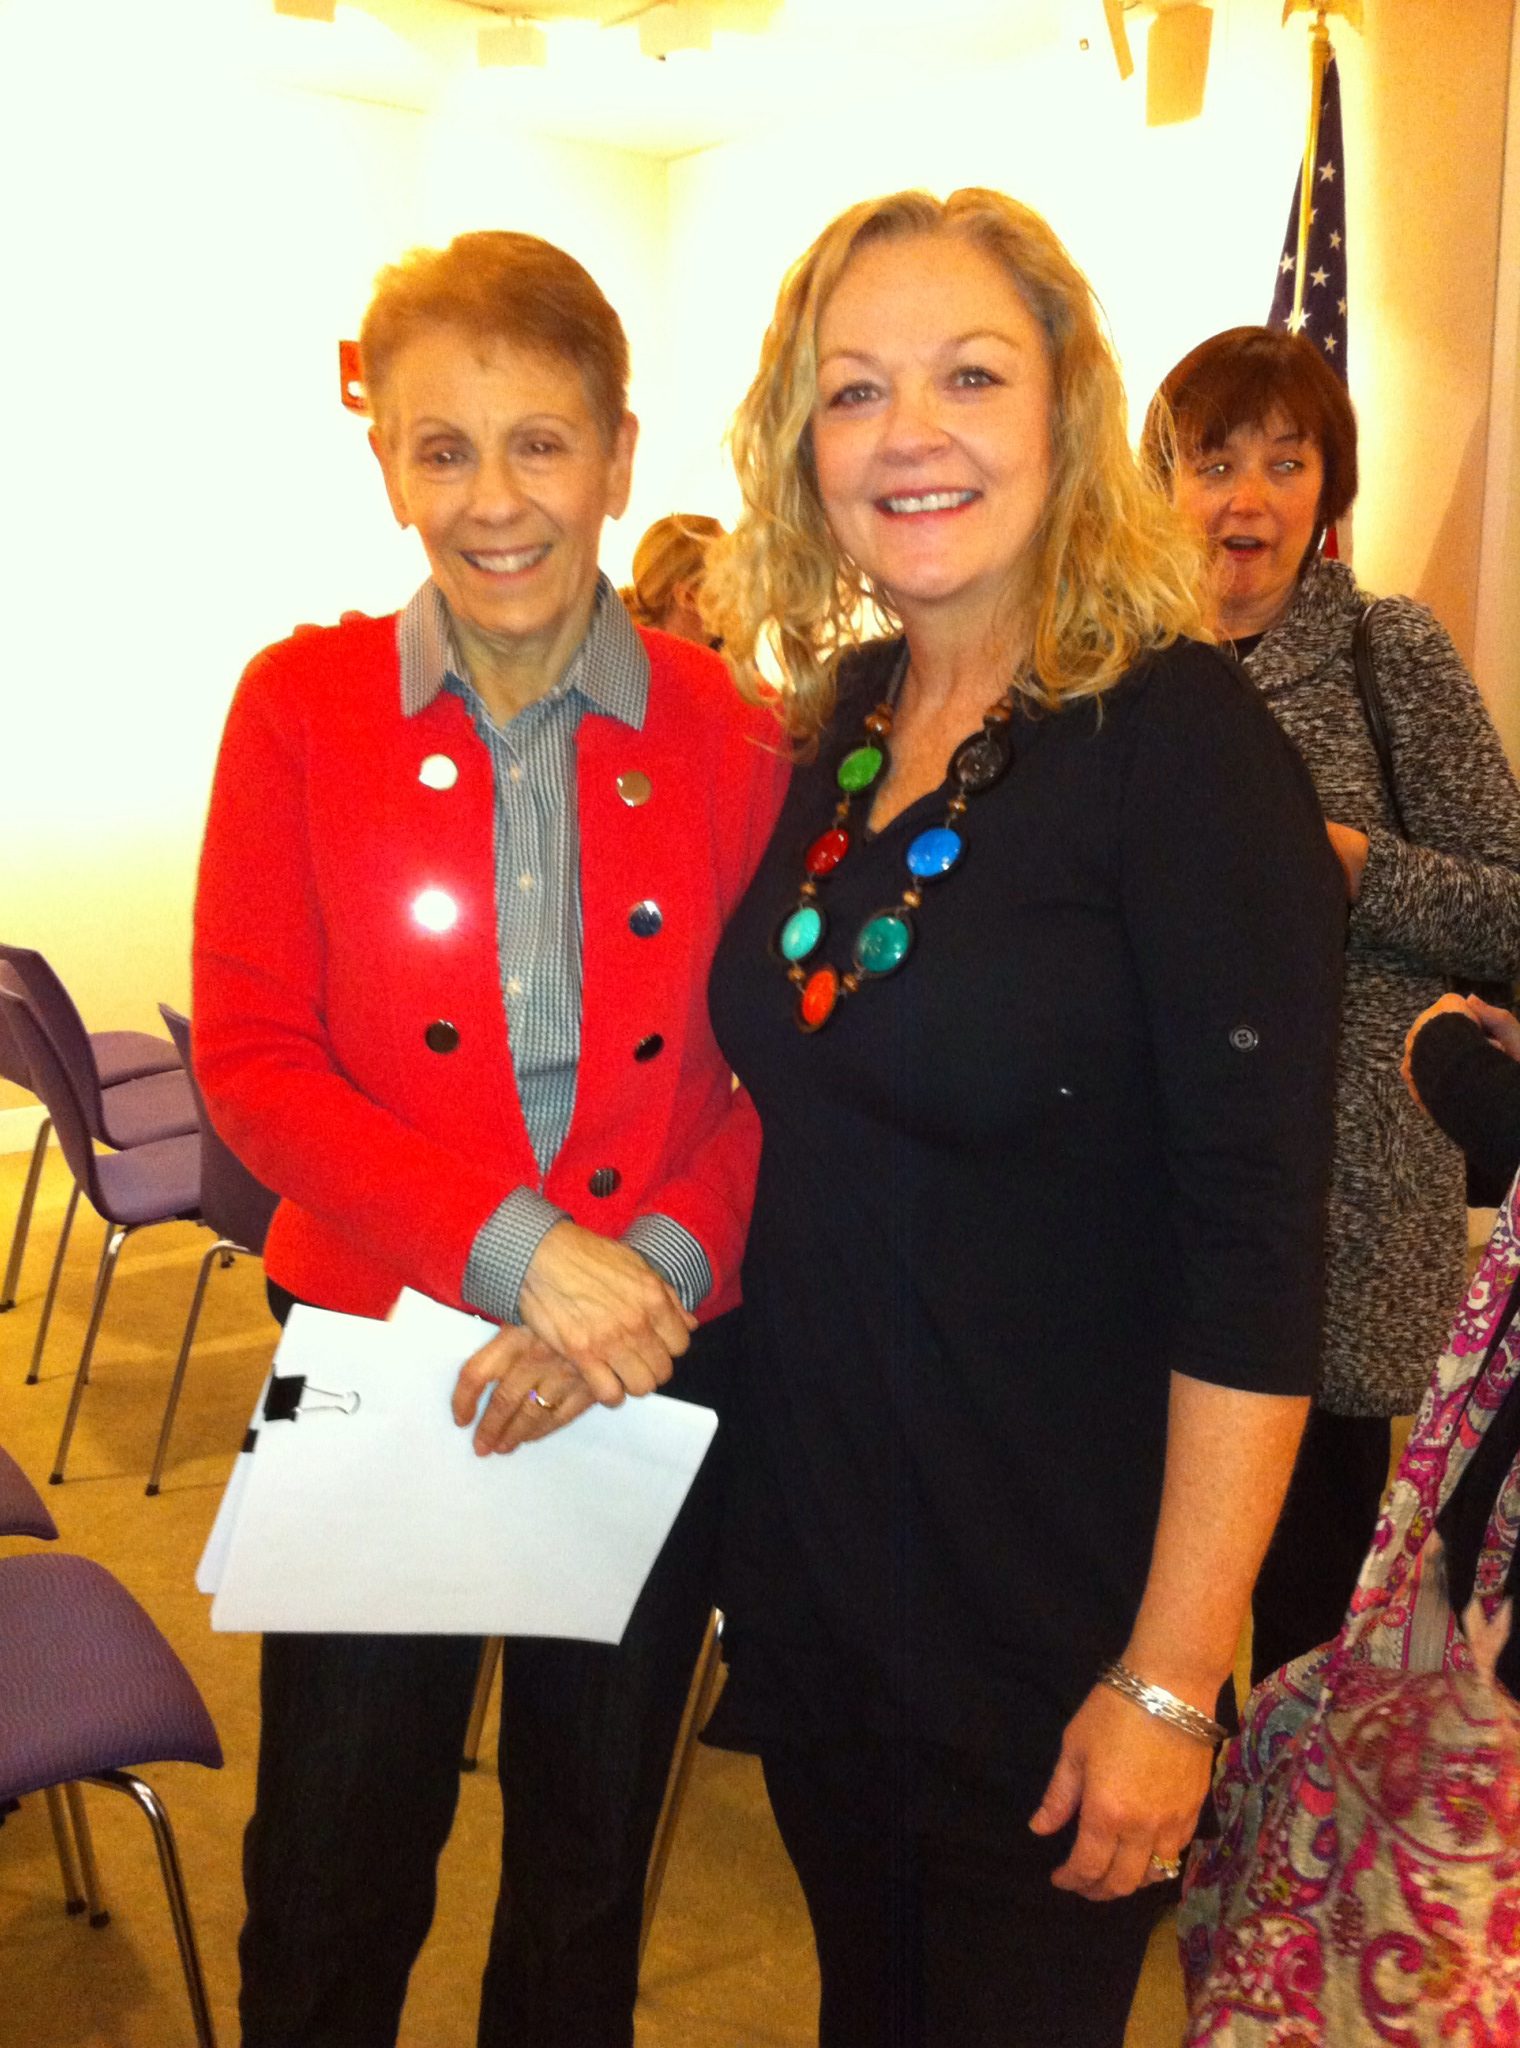 With Prof. Nina Greenwald